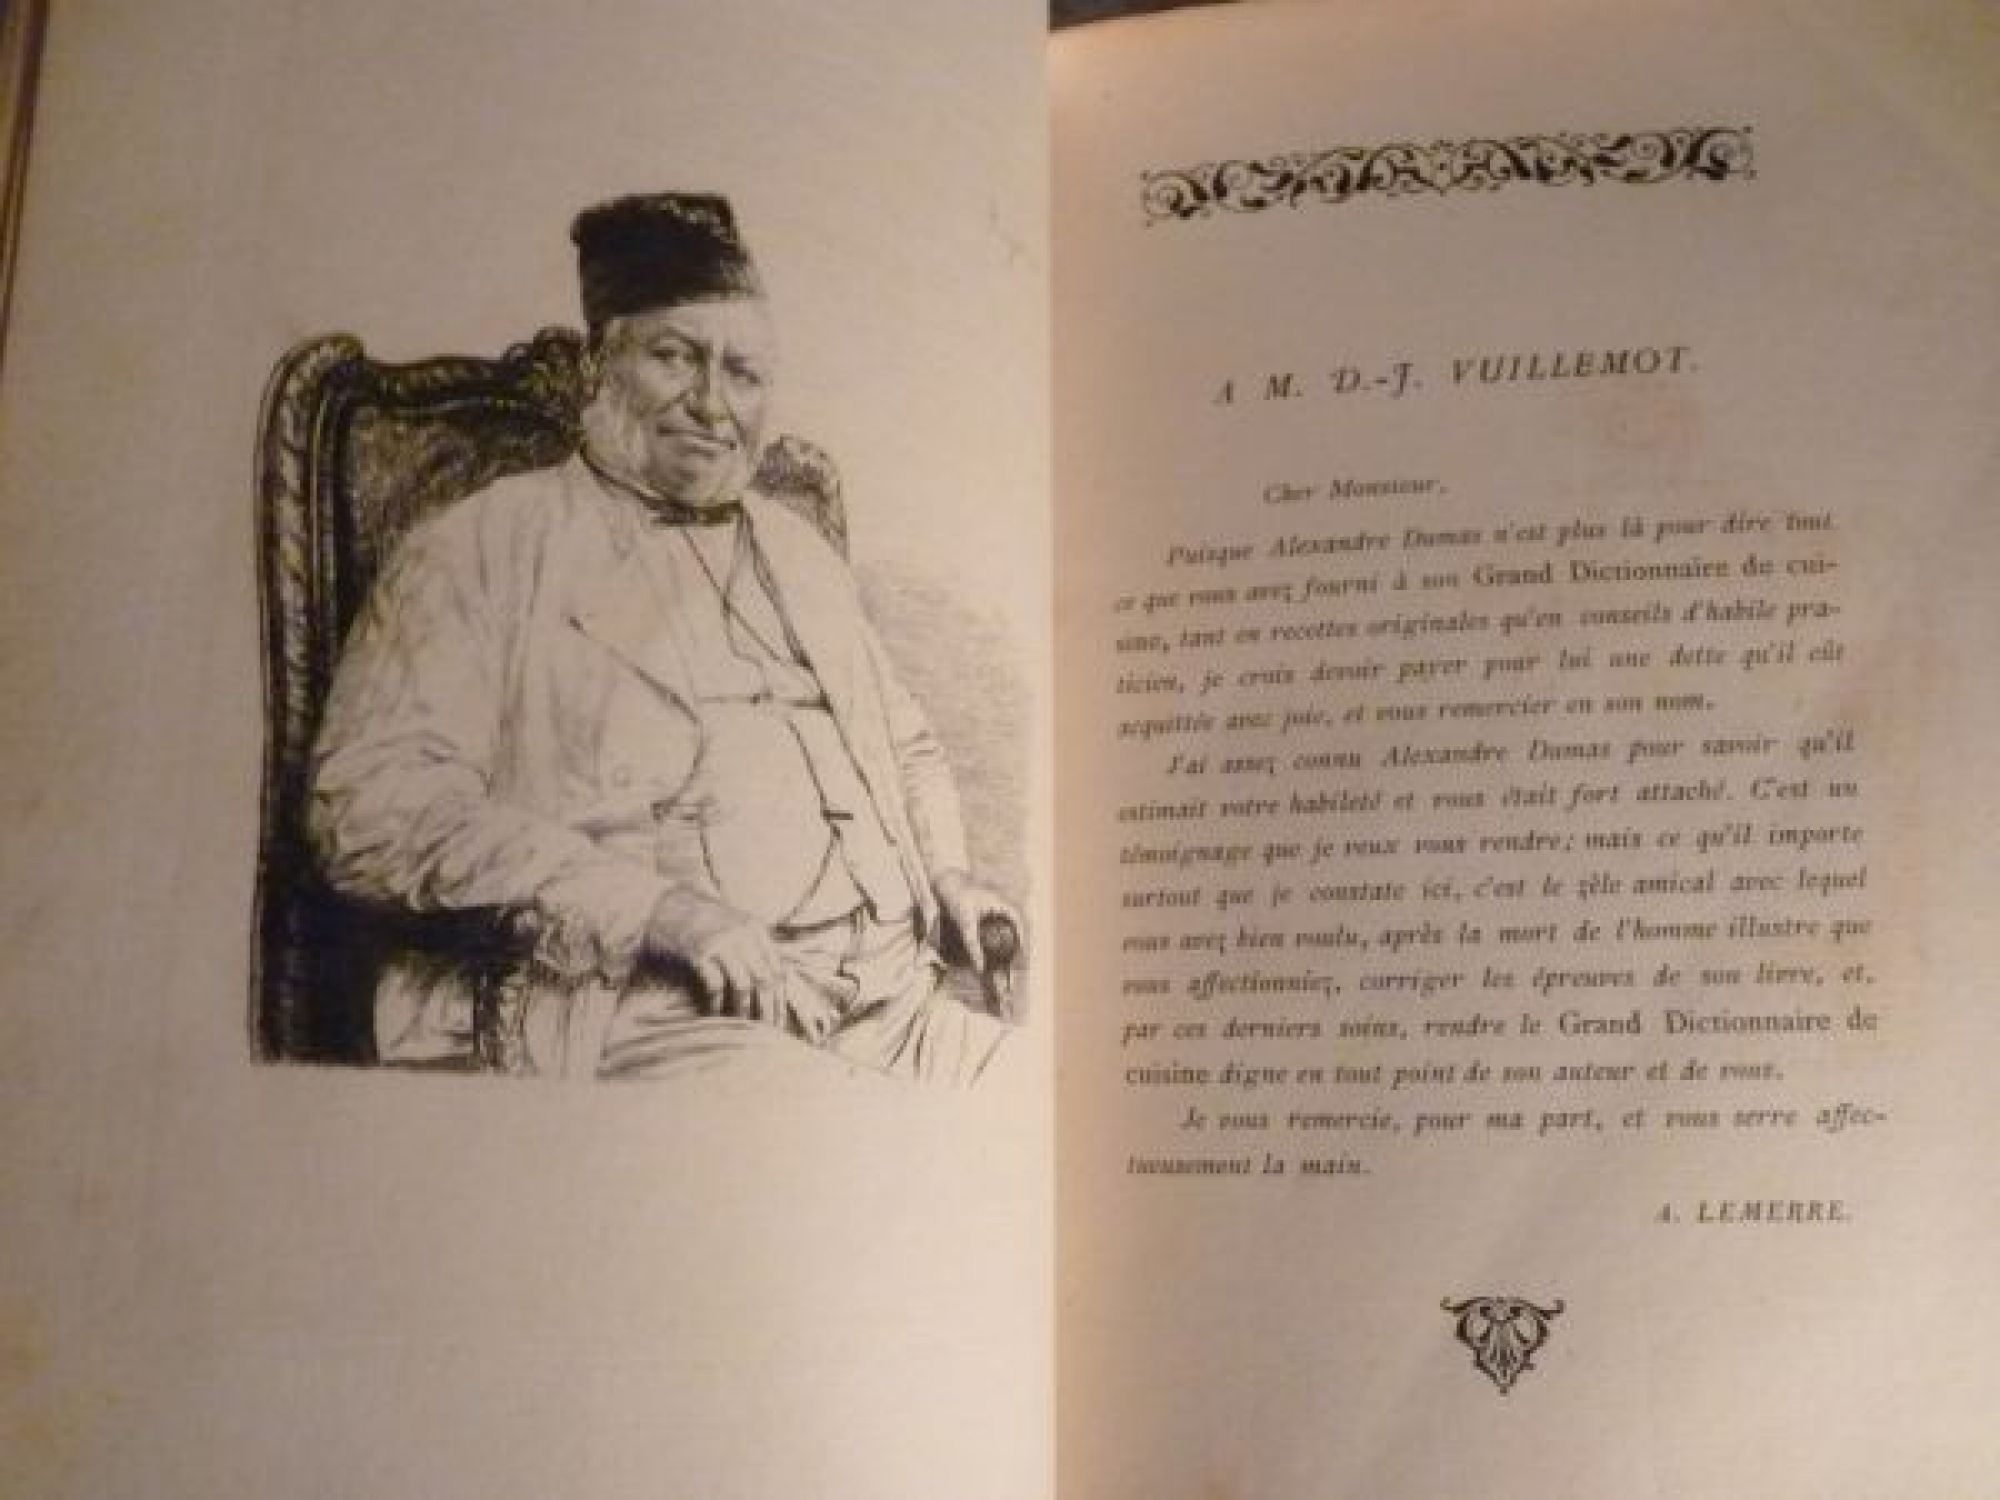 Dumas grand dictionnaire de cuisine edition originale - Dictionnaire de cuisine alexandre dumas ...